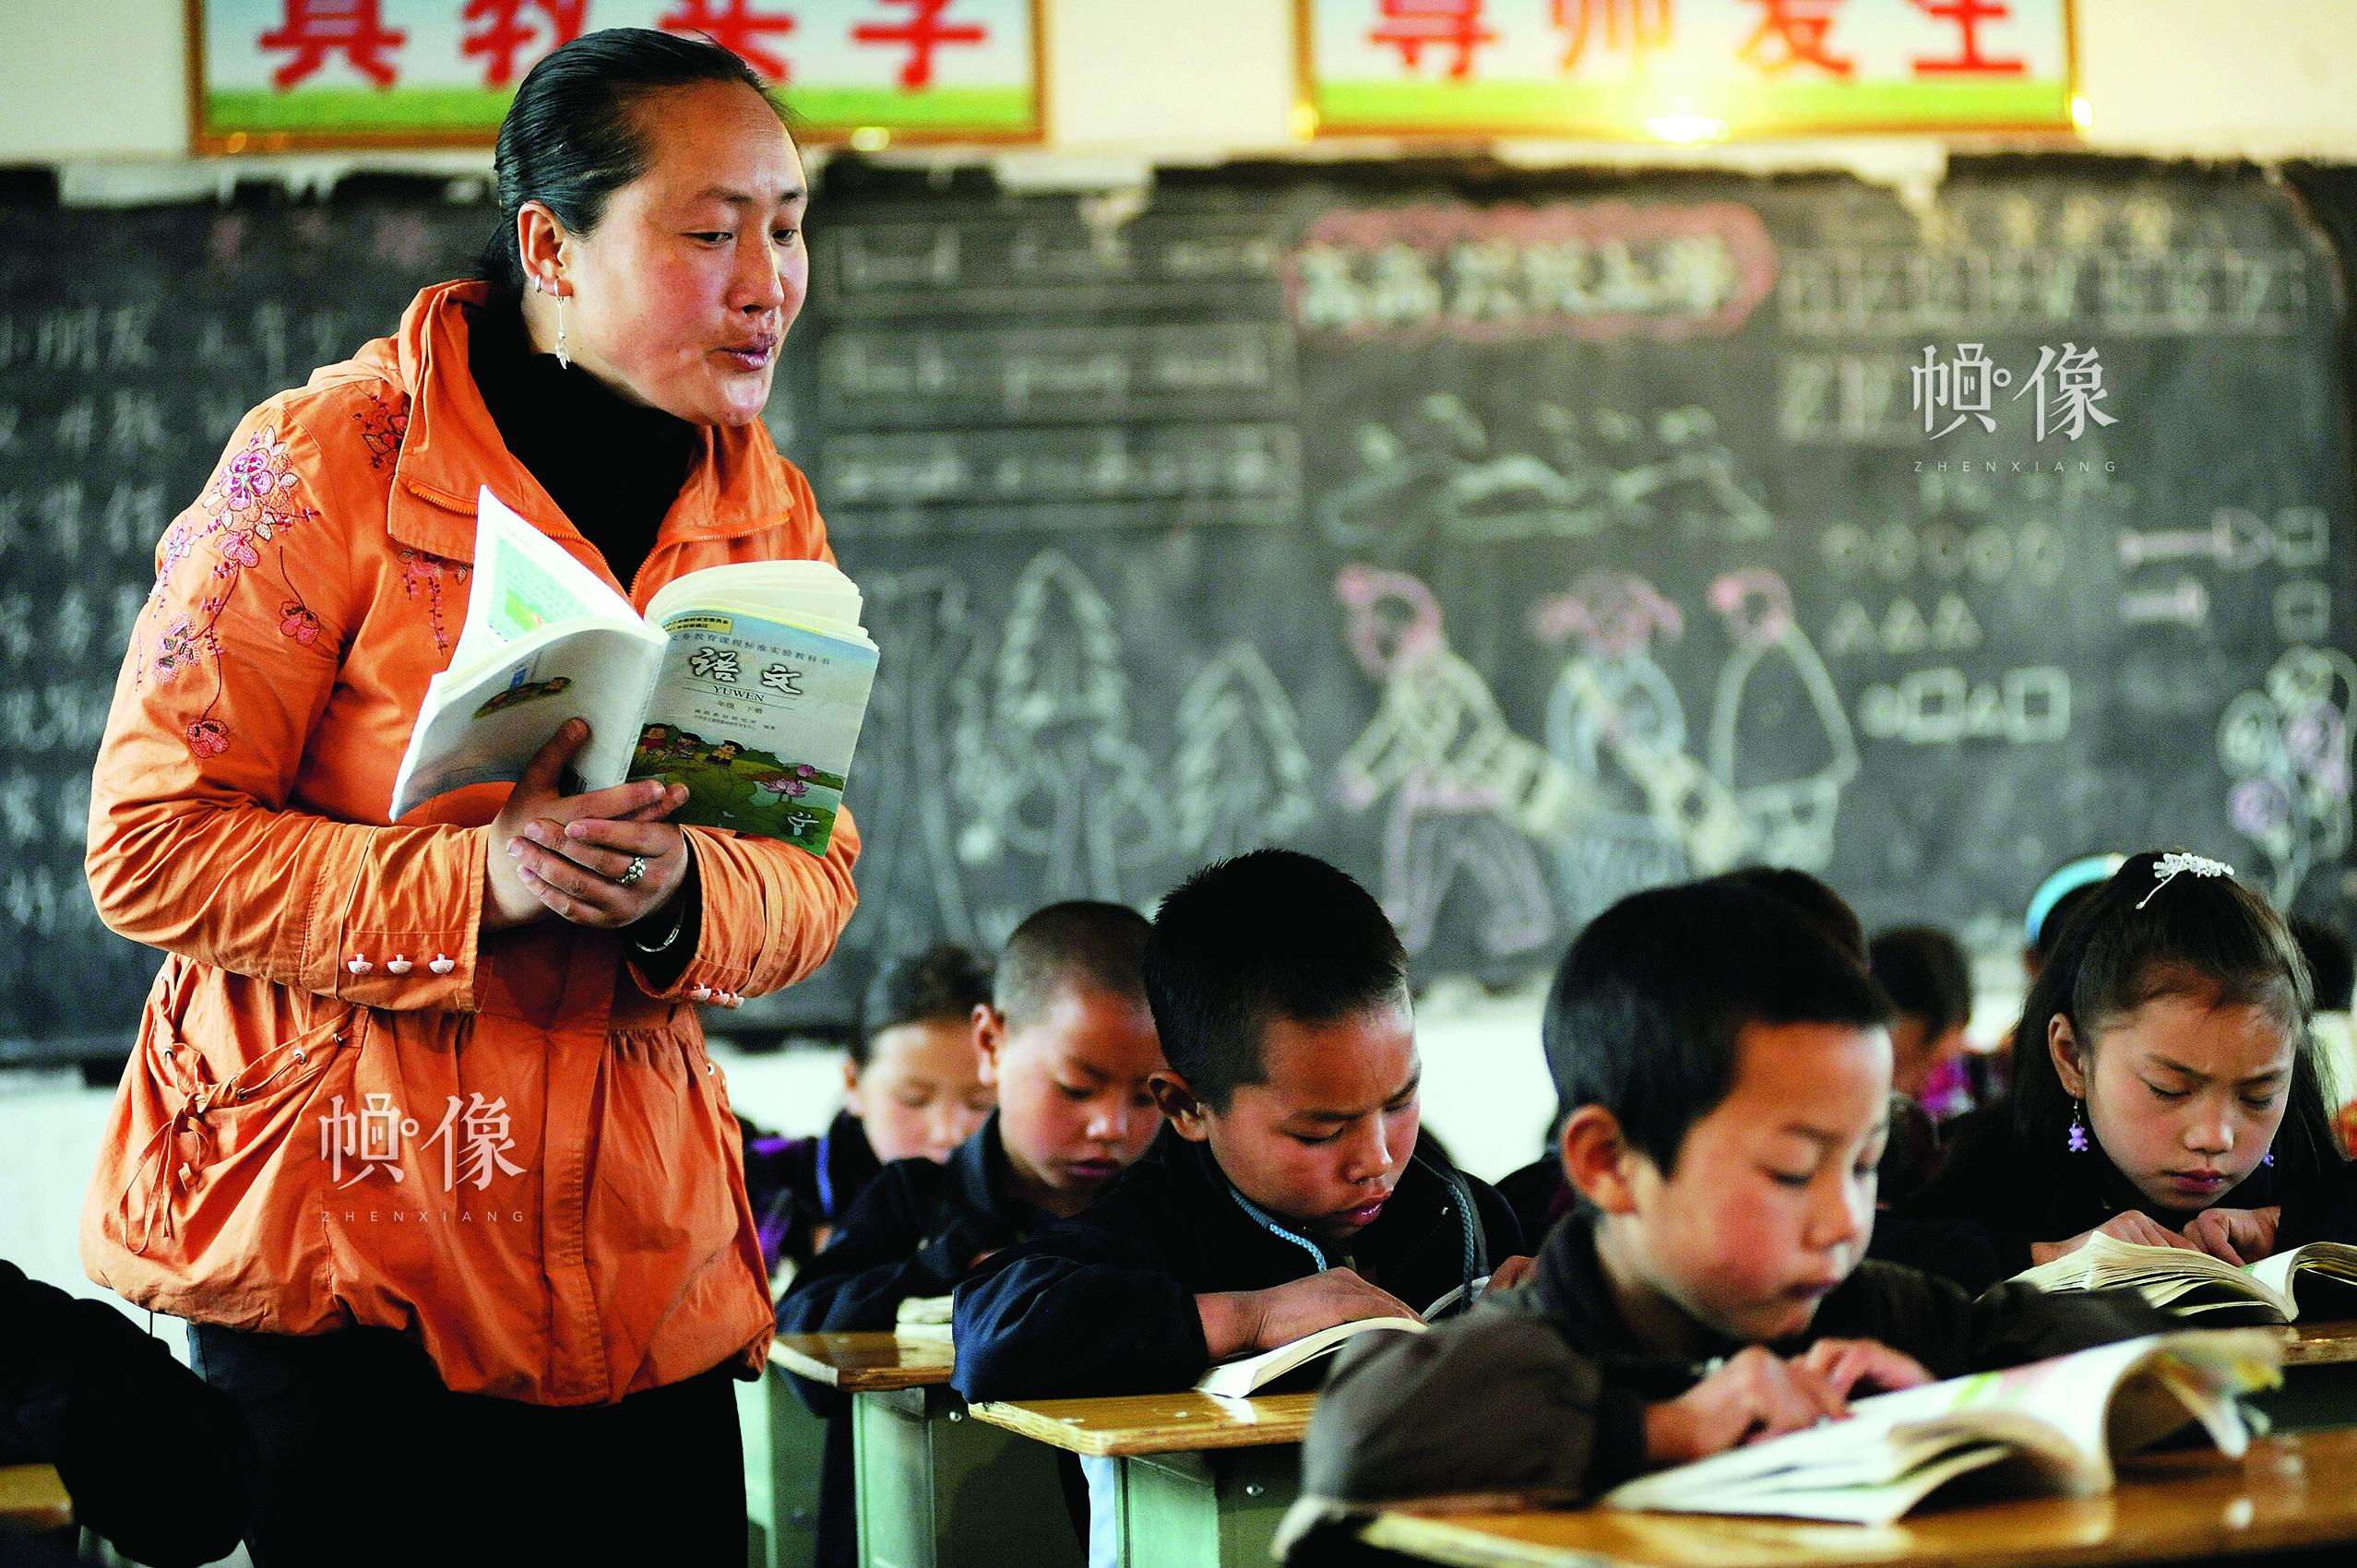 吉地莫史刘,彝族,四川省布拖县第一届春蕾班学生,现为布拖县特木里中心小学语文老师。中国儿基会供图